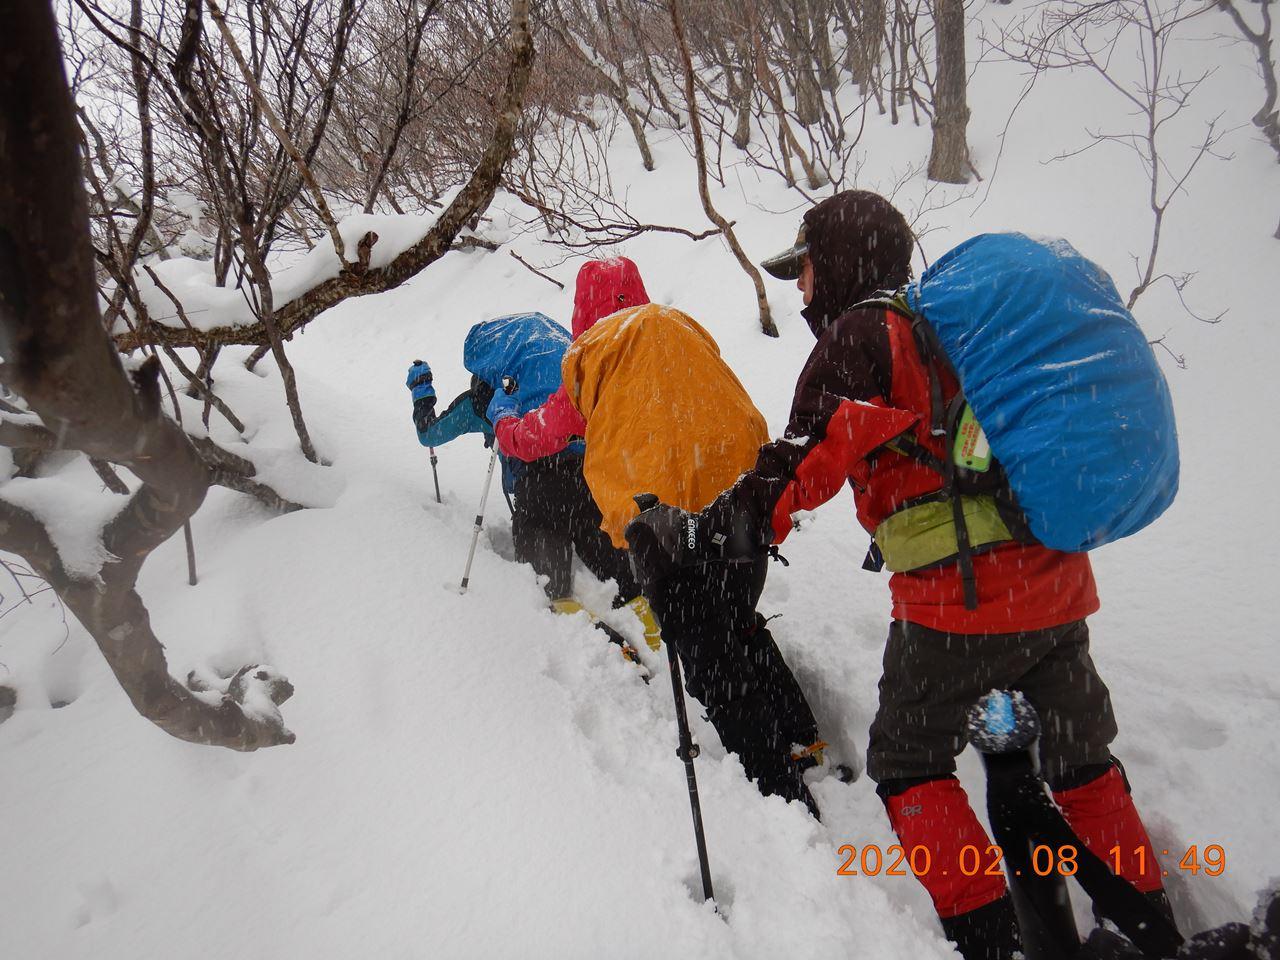 【例会山行】湖北乗鞍岳(2020.02.08)